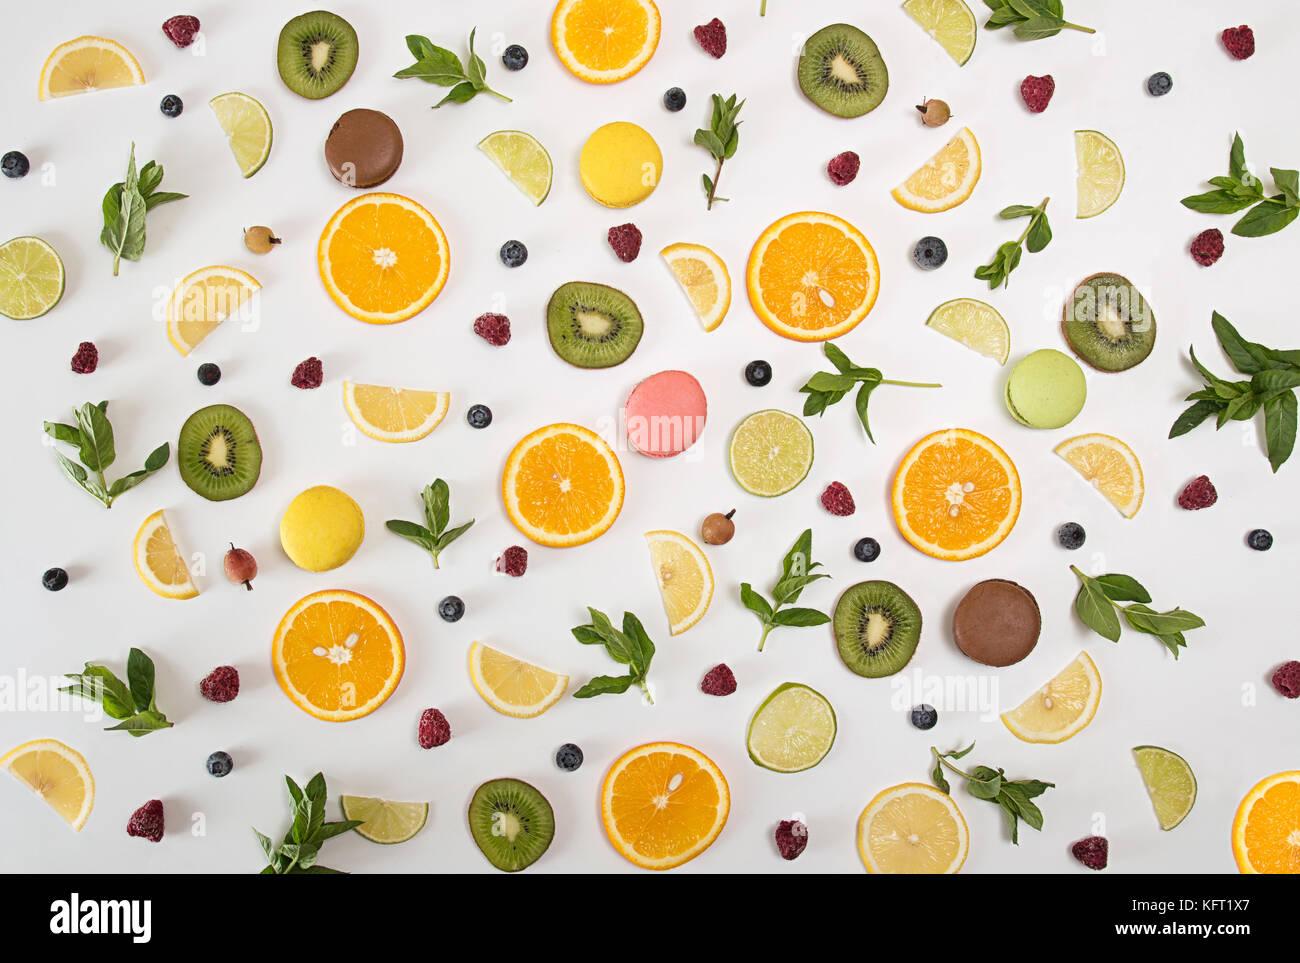 Piatto ancora laici vita con macarons, bacche, menta e agrumi e altri frutti: frutta di arancia; calce; Limone, Immagini Stock